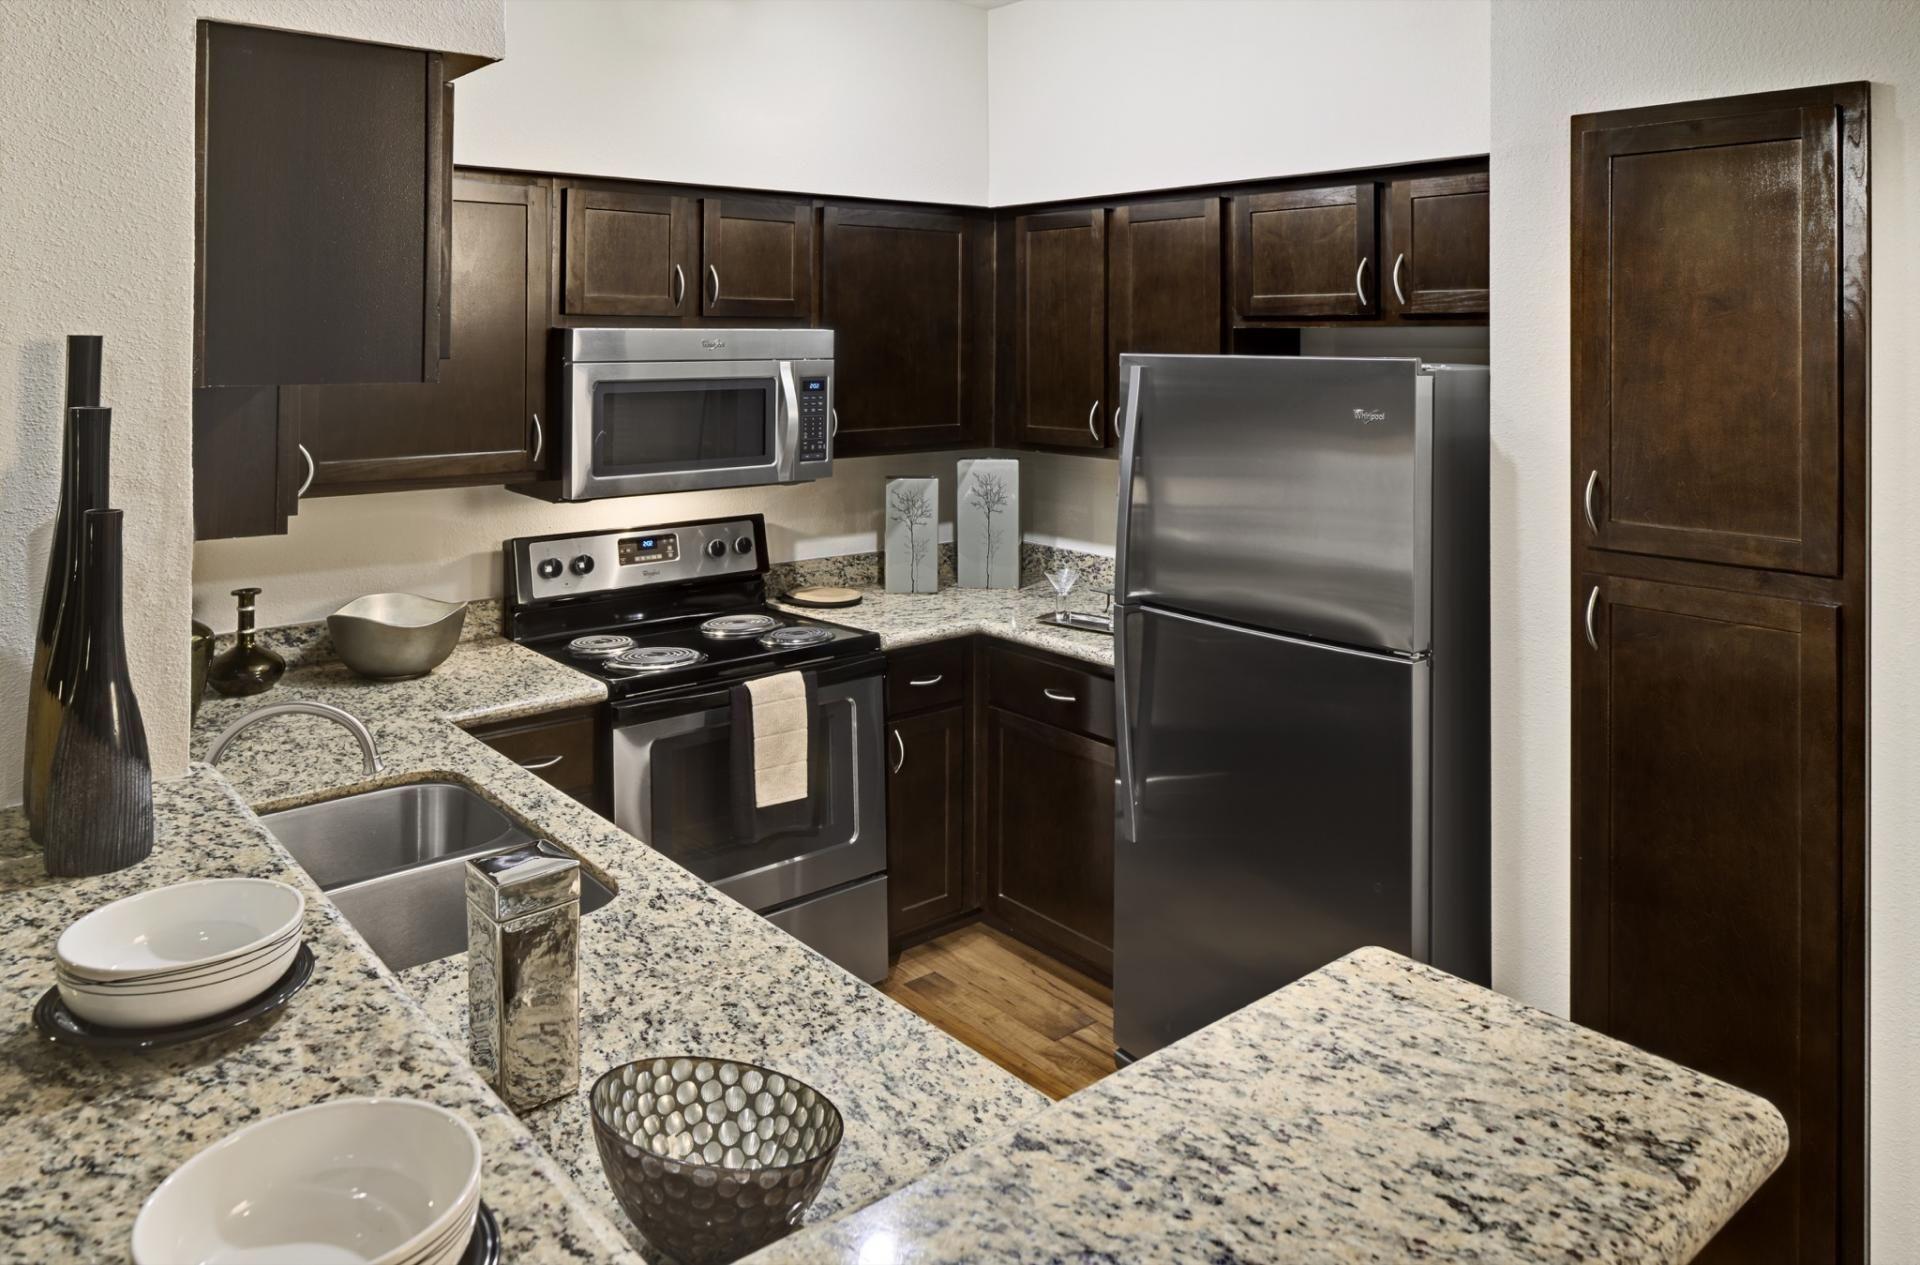 Camden Greenway in 2020 4 bedroom apartments, 2 bedroom